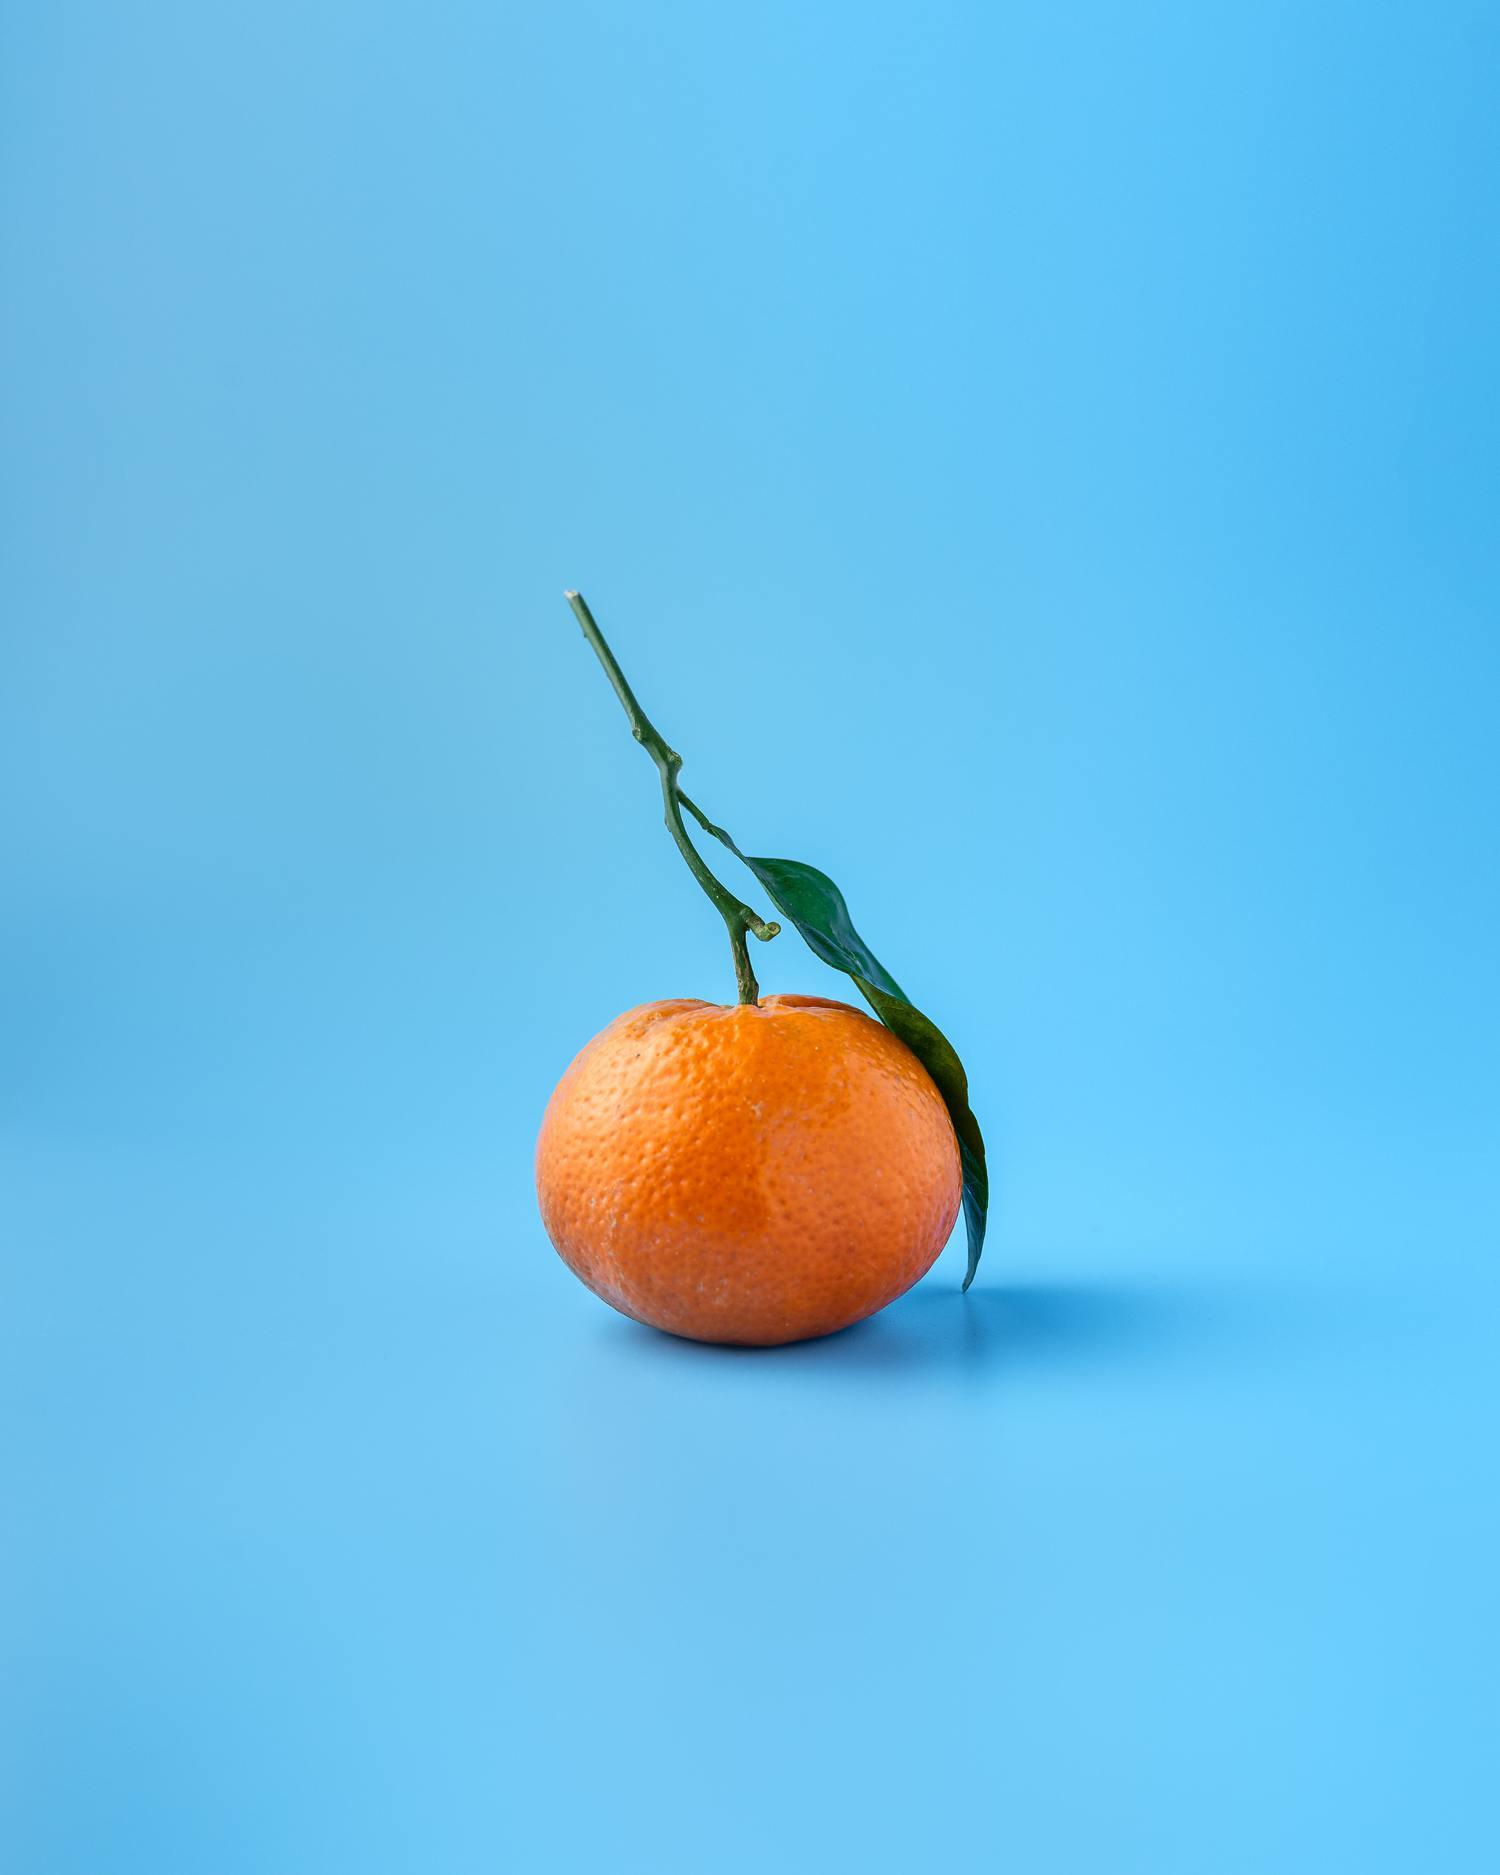 Fondo azul en contraste con mandarina naranja